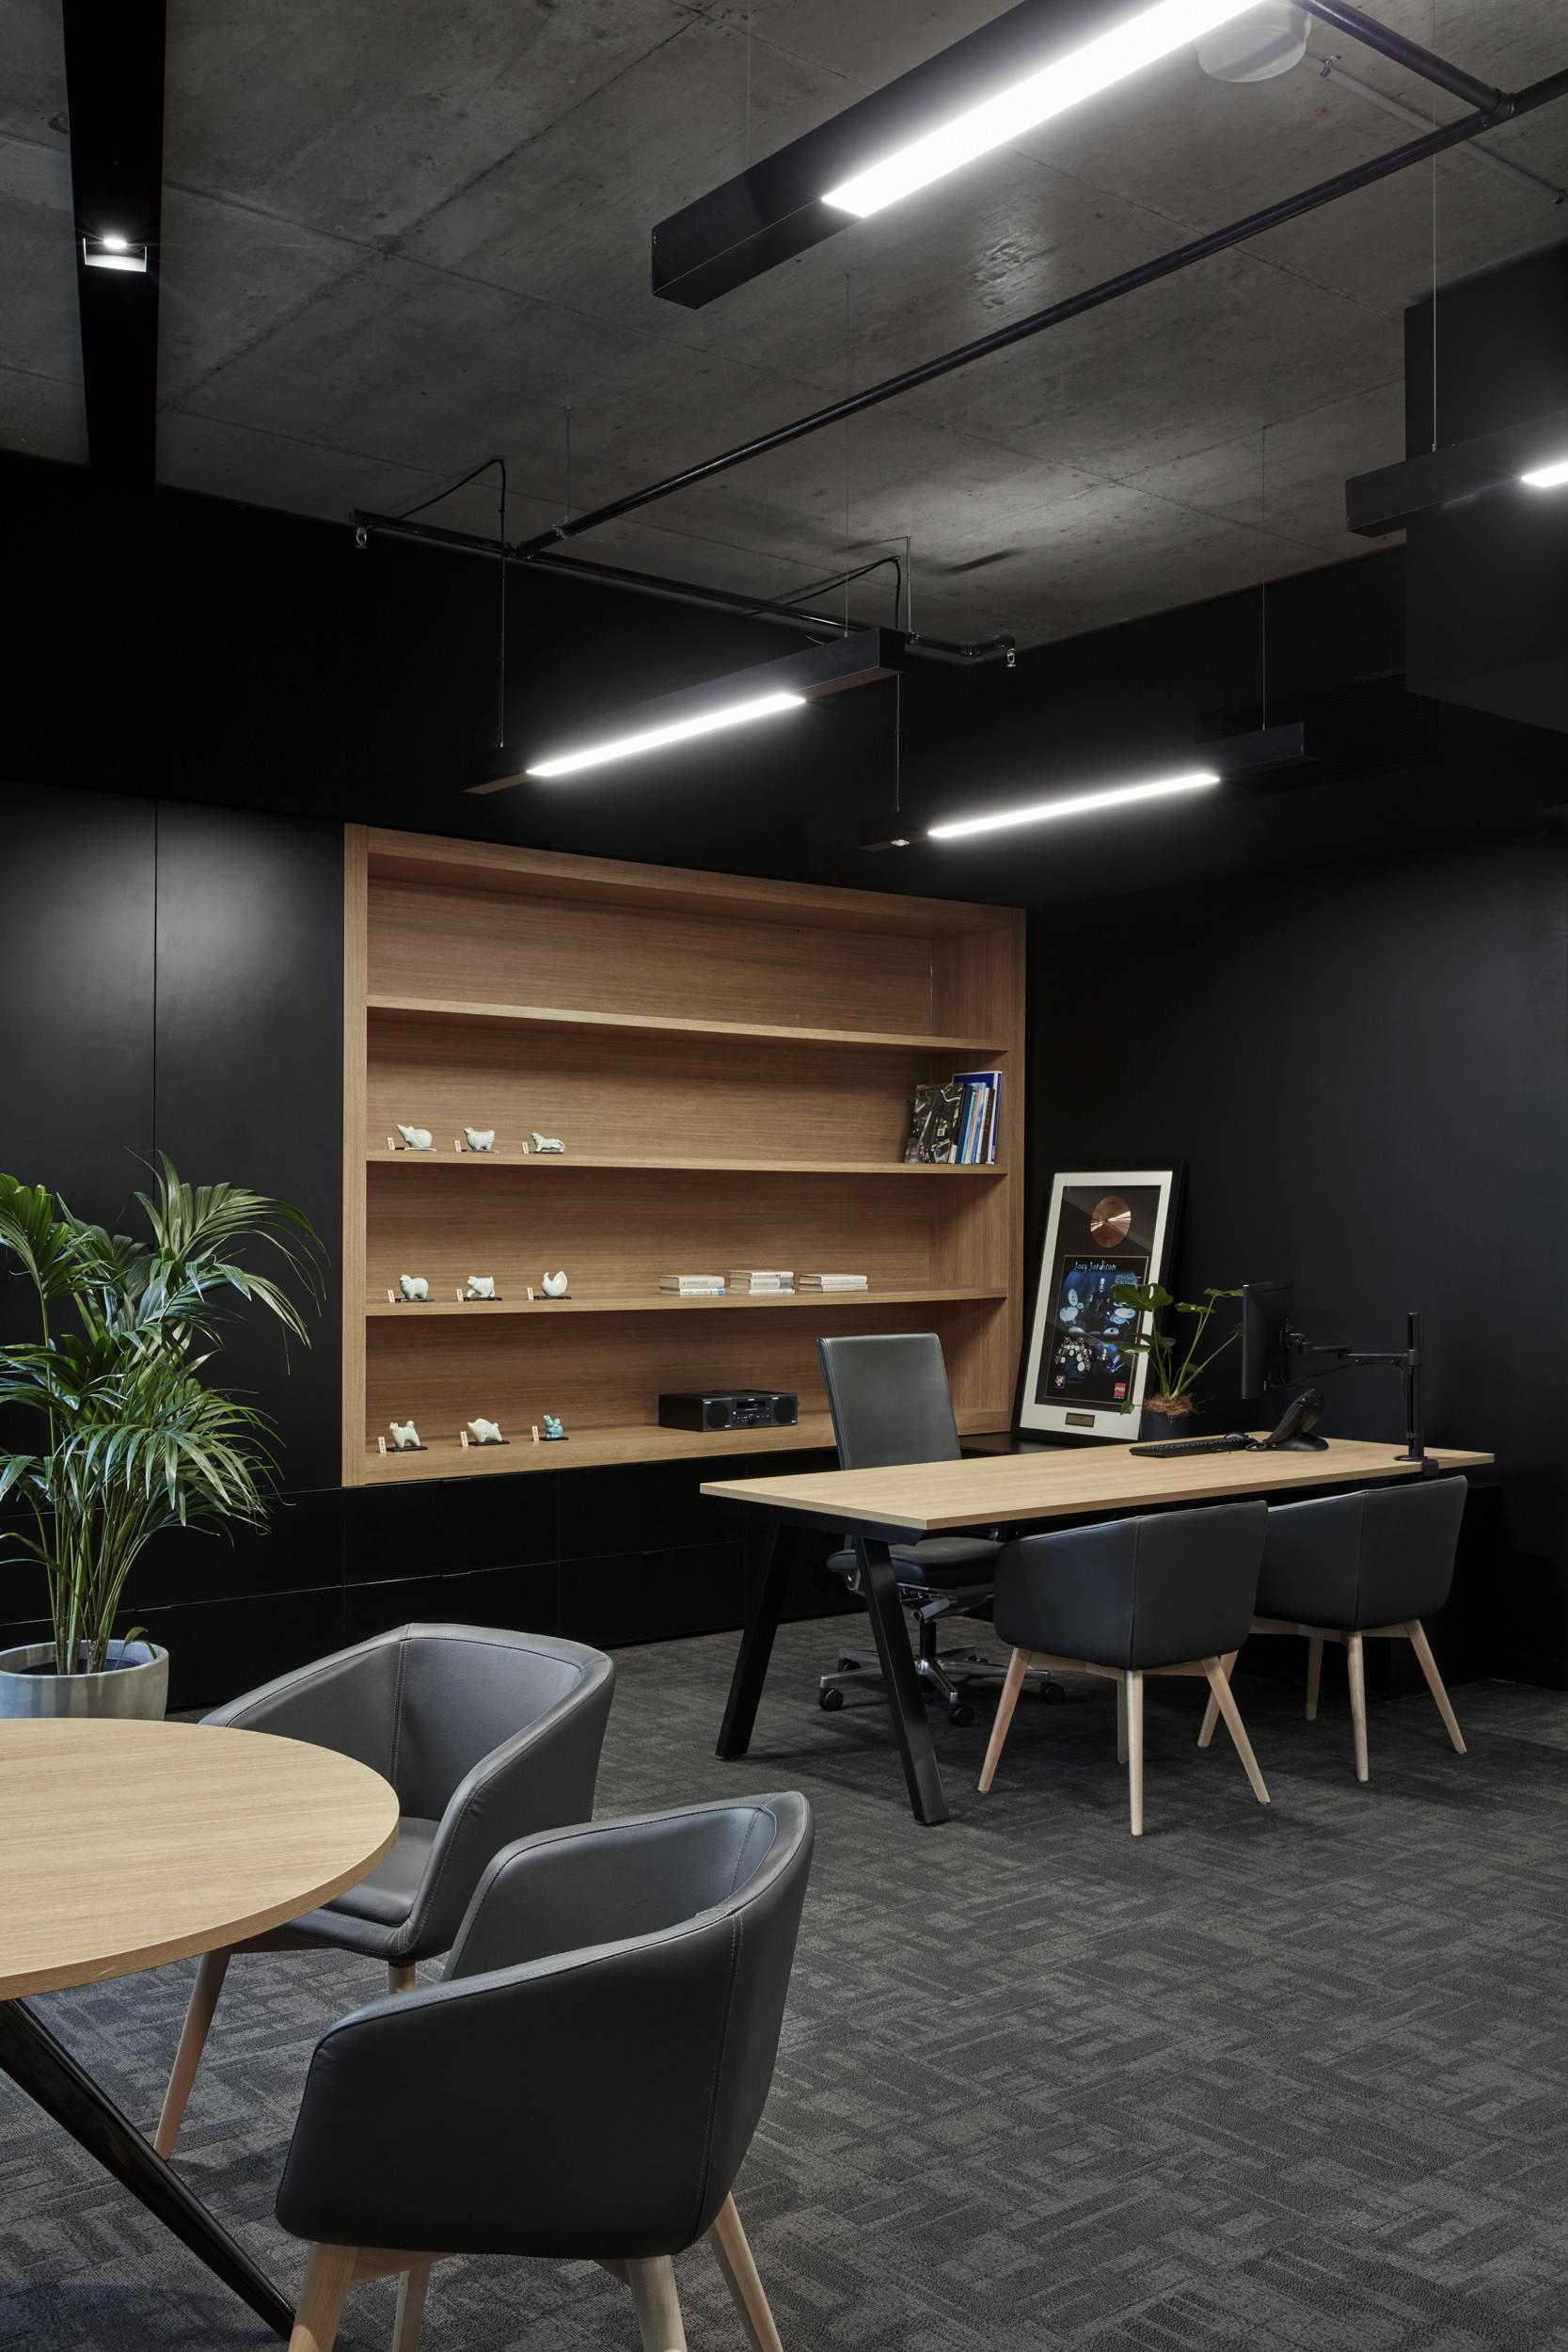 Yamaha_Offices_0279.jpg